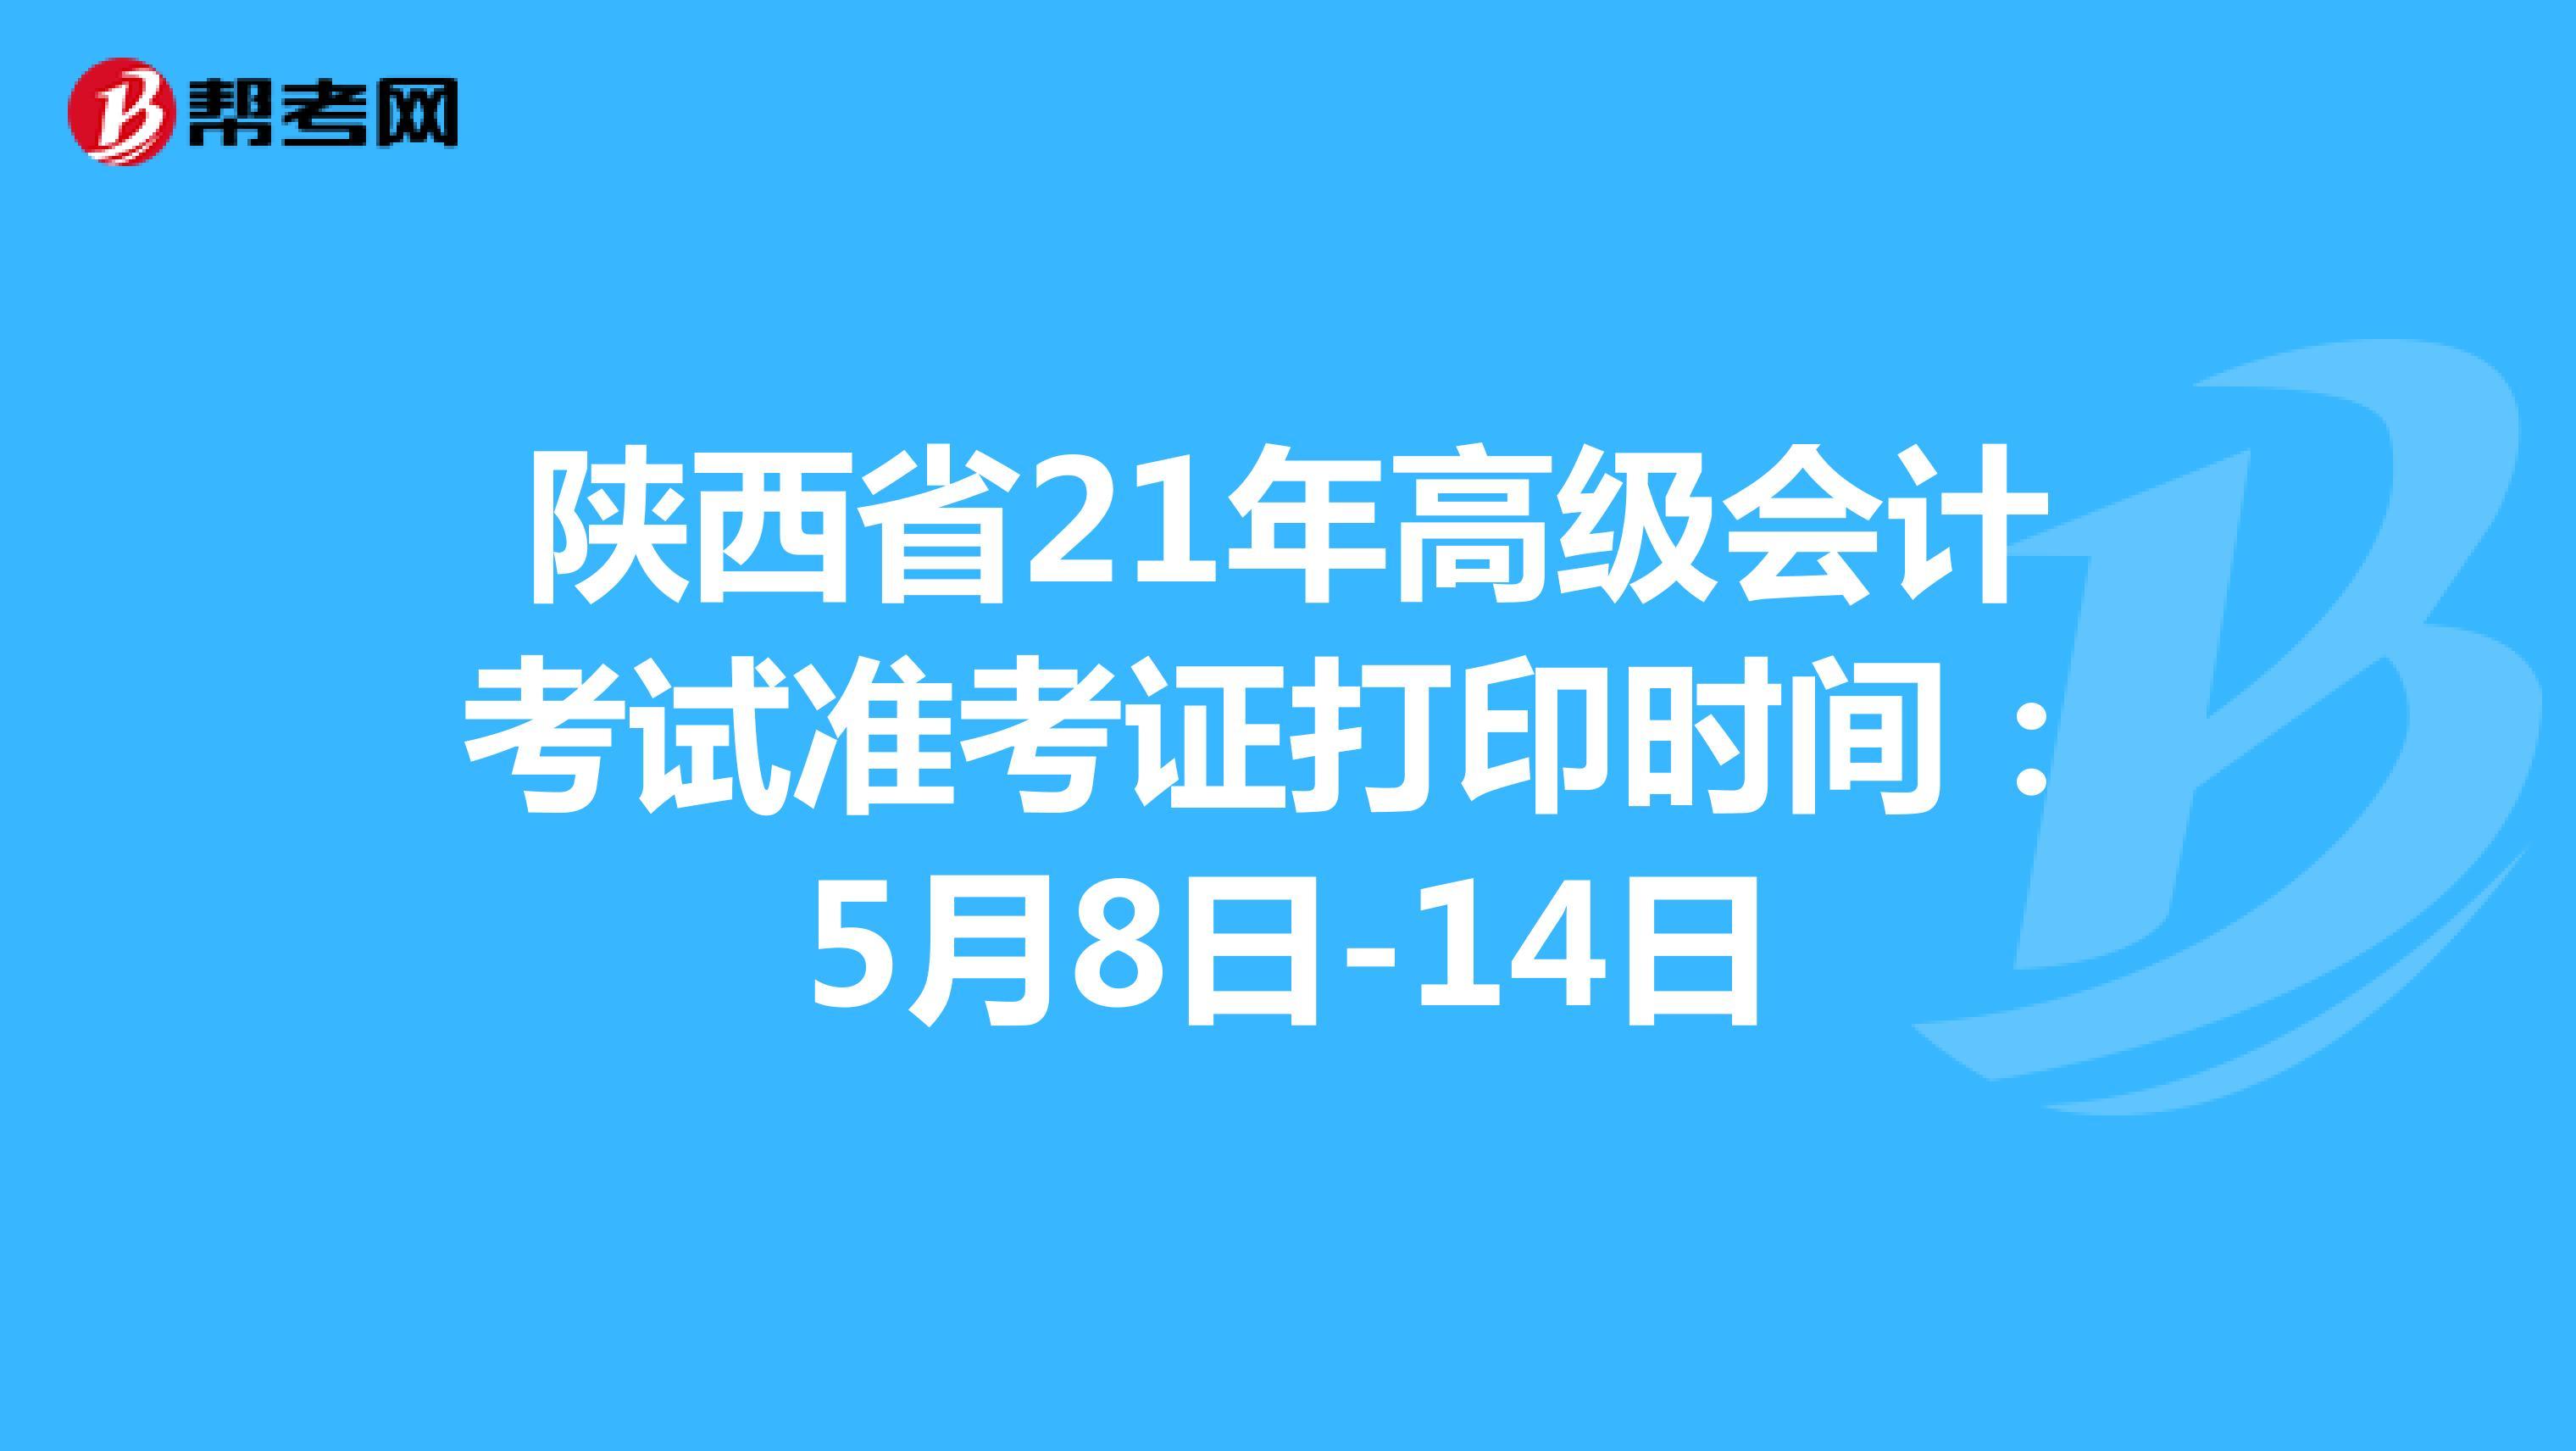 陕西省21年高级会计考试准考证打印时间:5月8日-14日